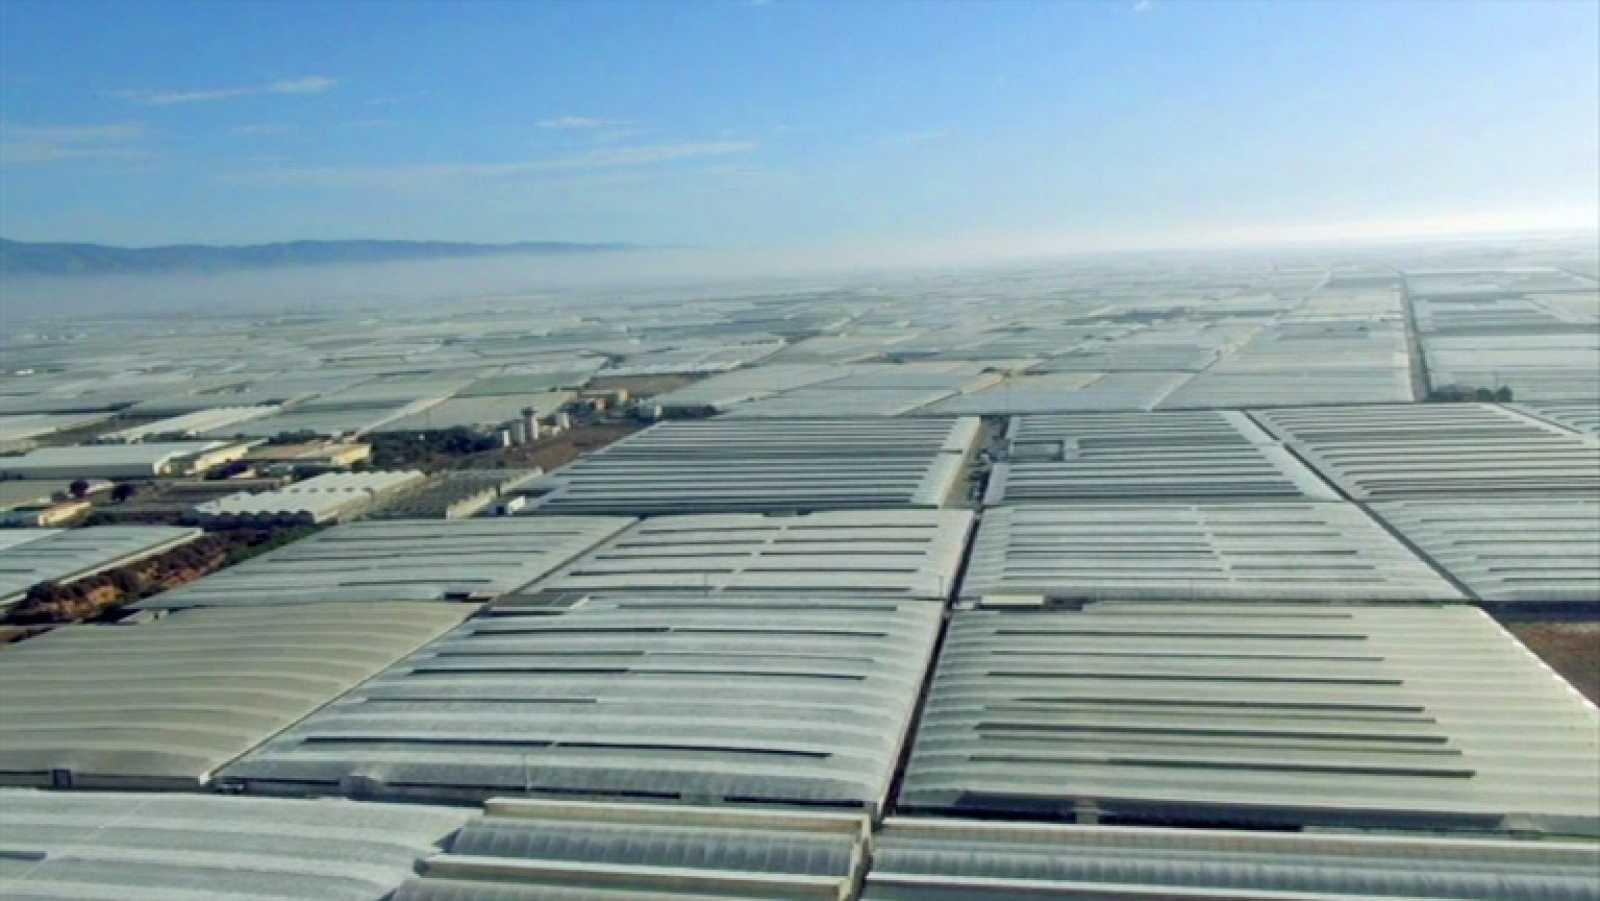 España a ras de cielo - El mar de plásticos de Almería